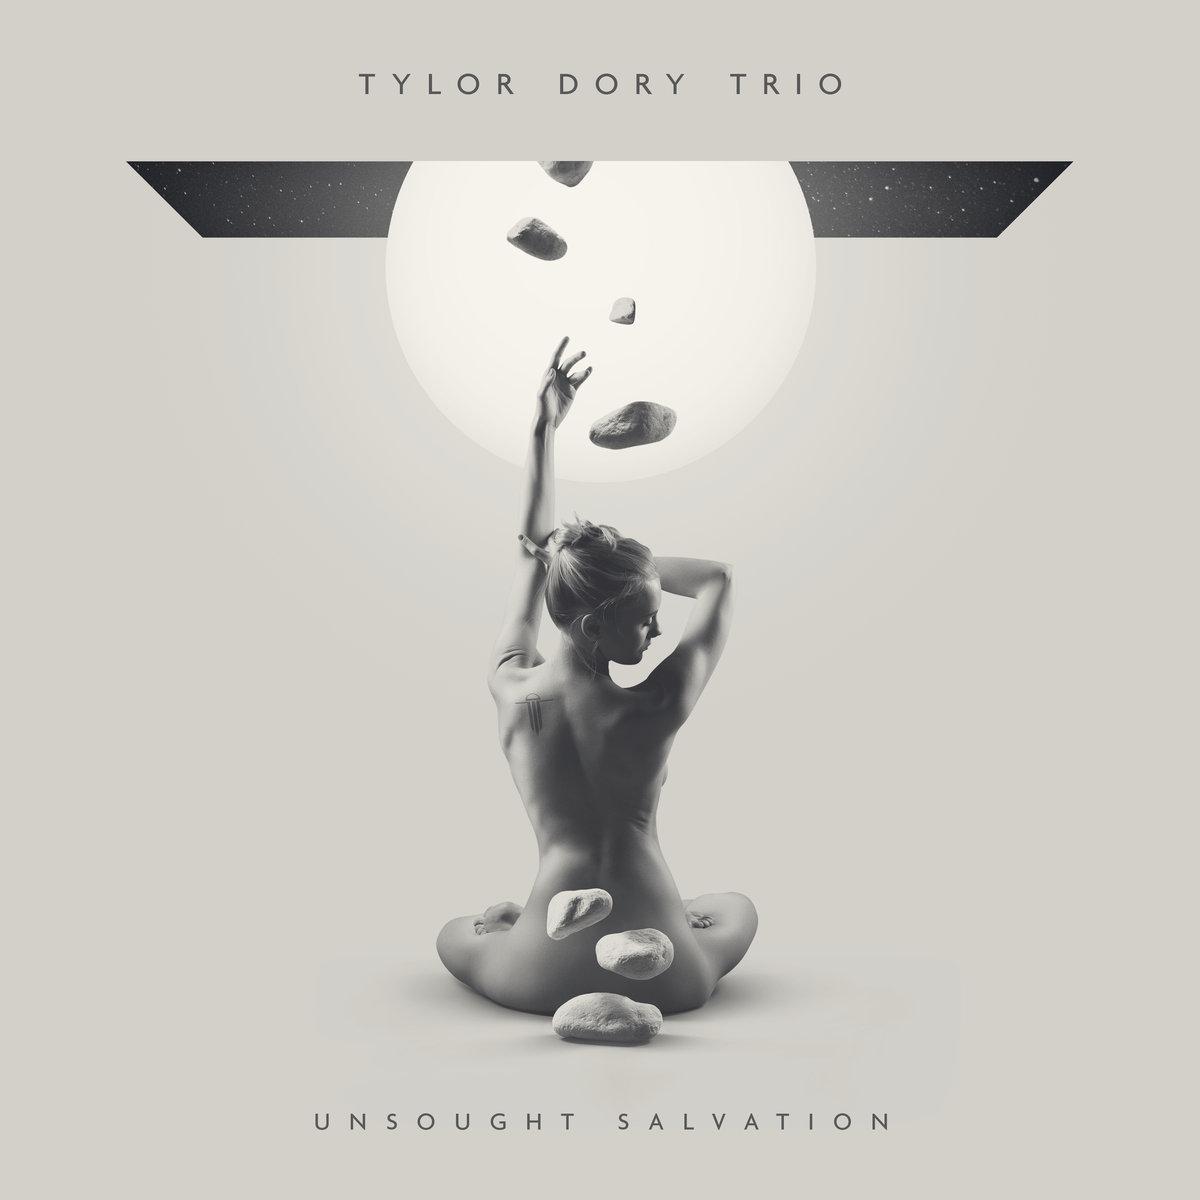 Tylor Dory Trio: Unsought Salvation